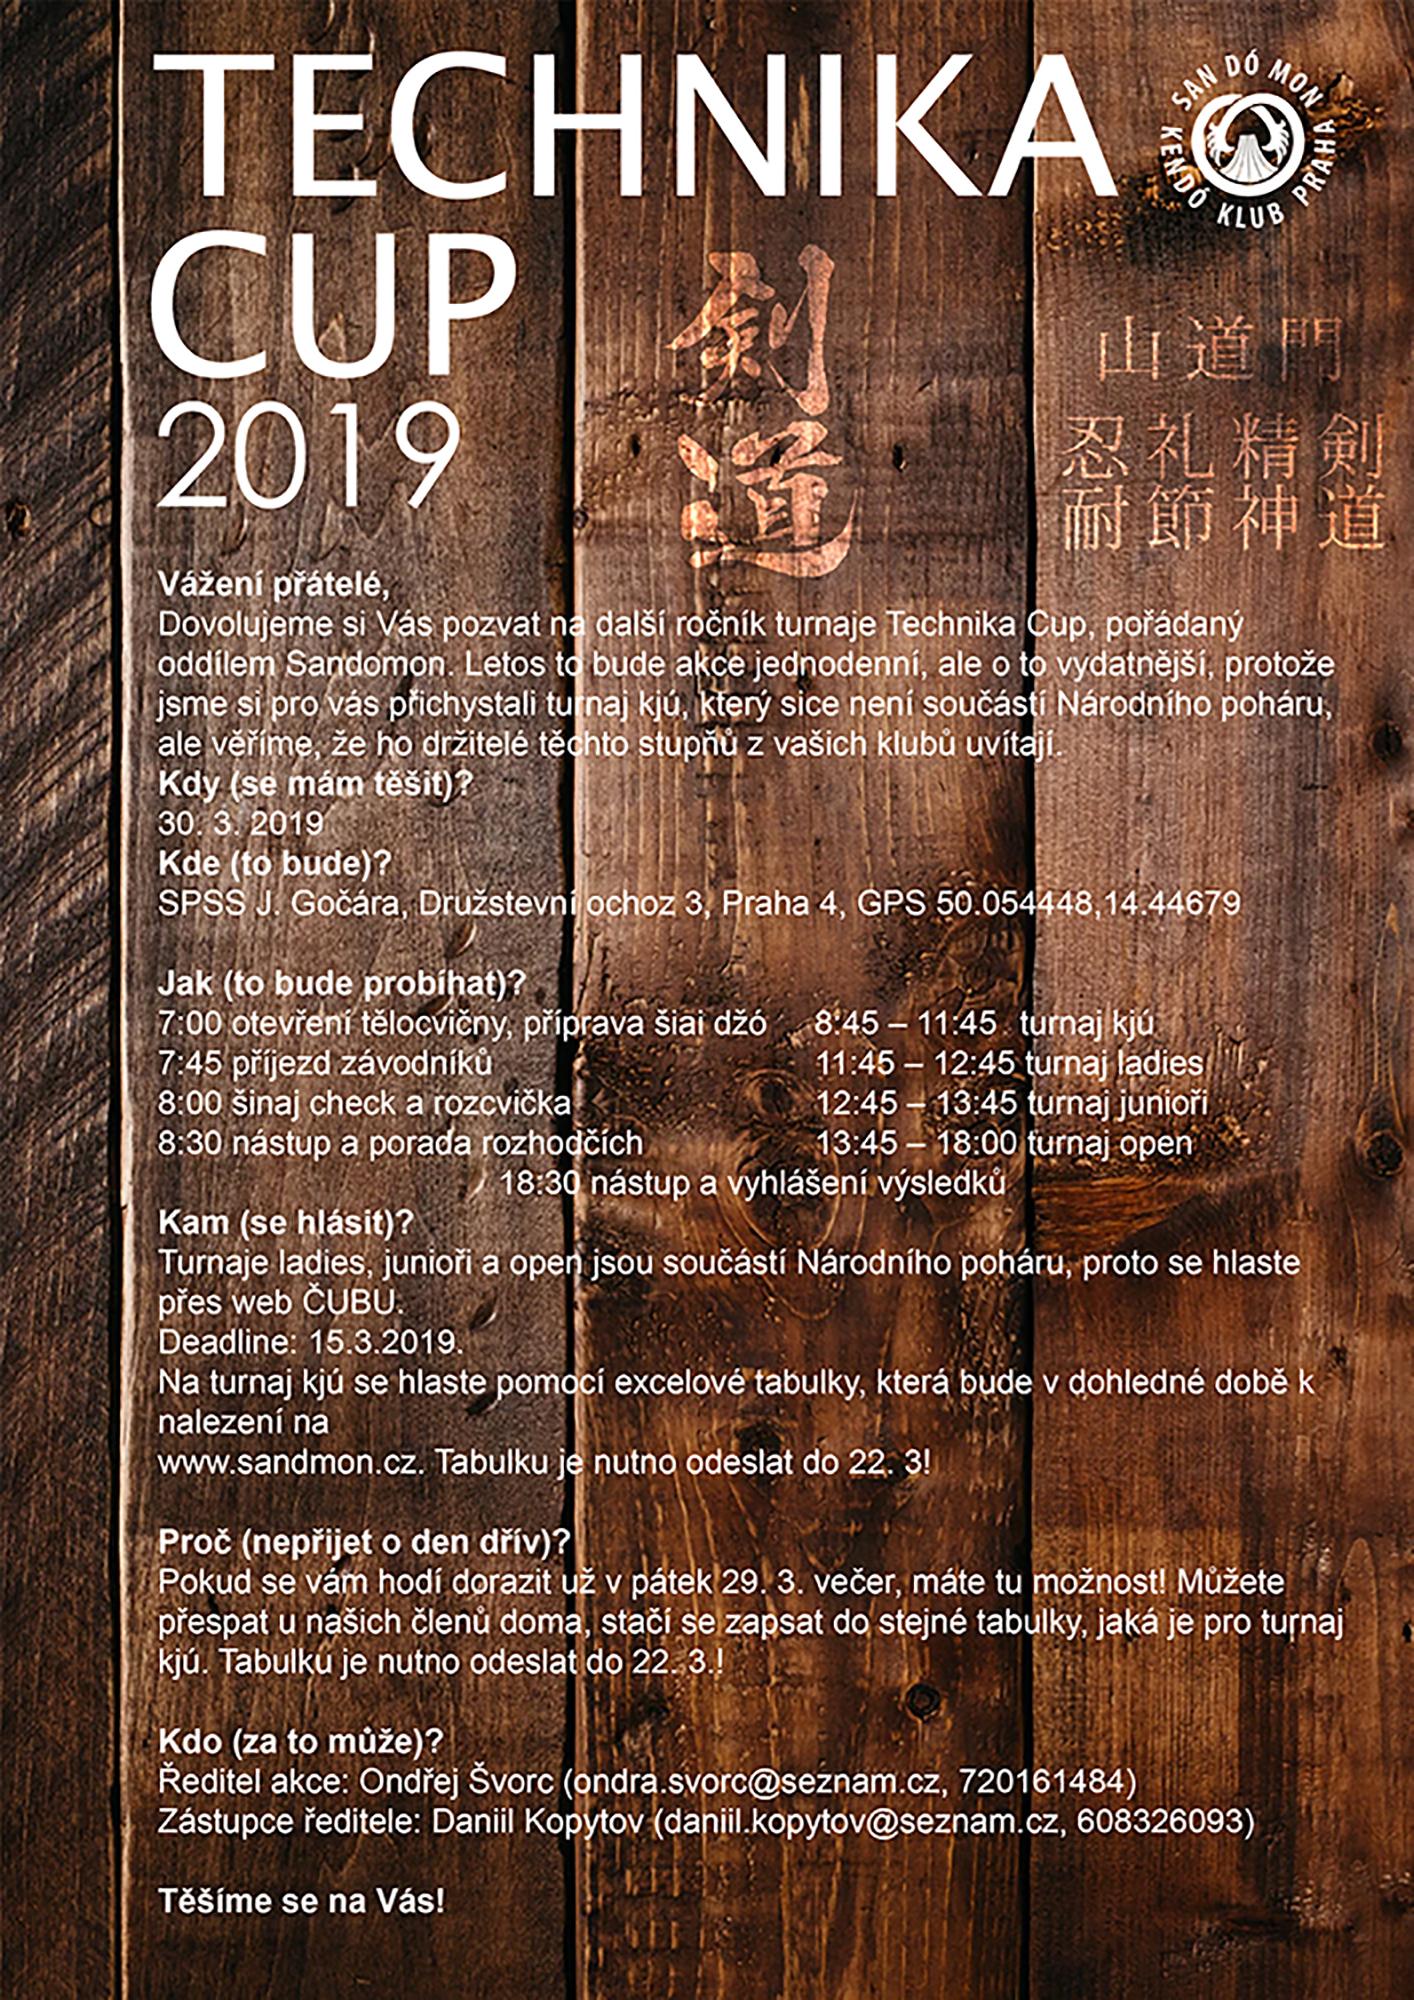 Technika Cup 2019 @ Střední průmyslová škola stavební Josefa Gočára | Hlavní město Praha | Česko